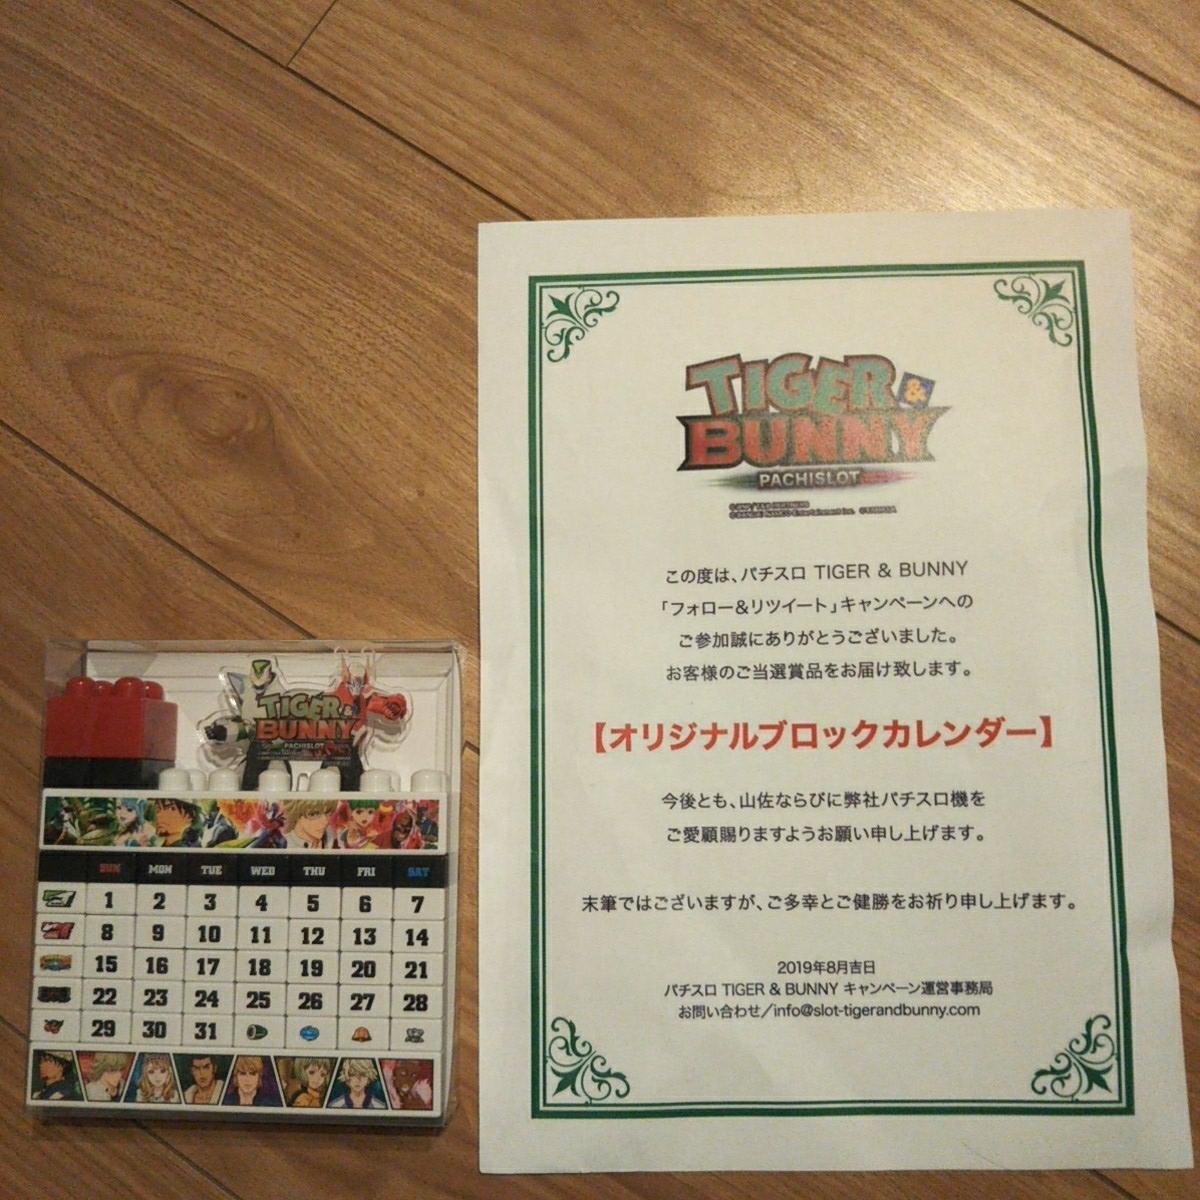 タイガー&バニー オリジナルブロックカレンダー 非売品 TIGER&BUNNY タイバニ 懸賞当選品 パチスロ